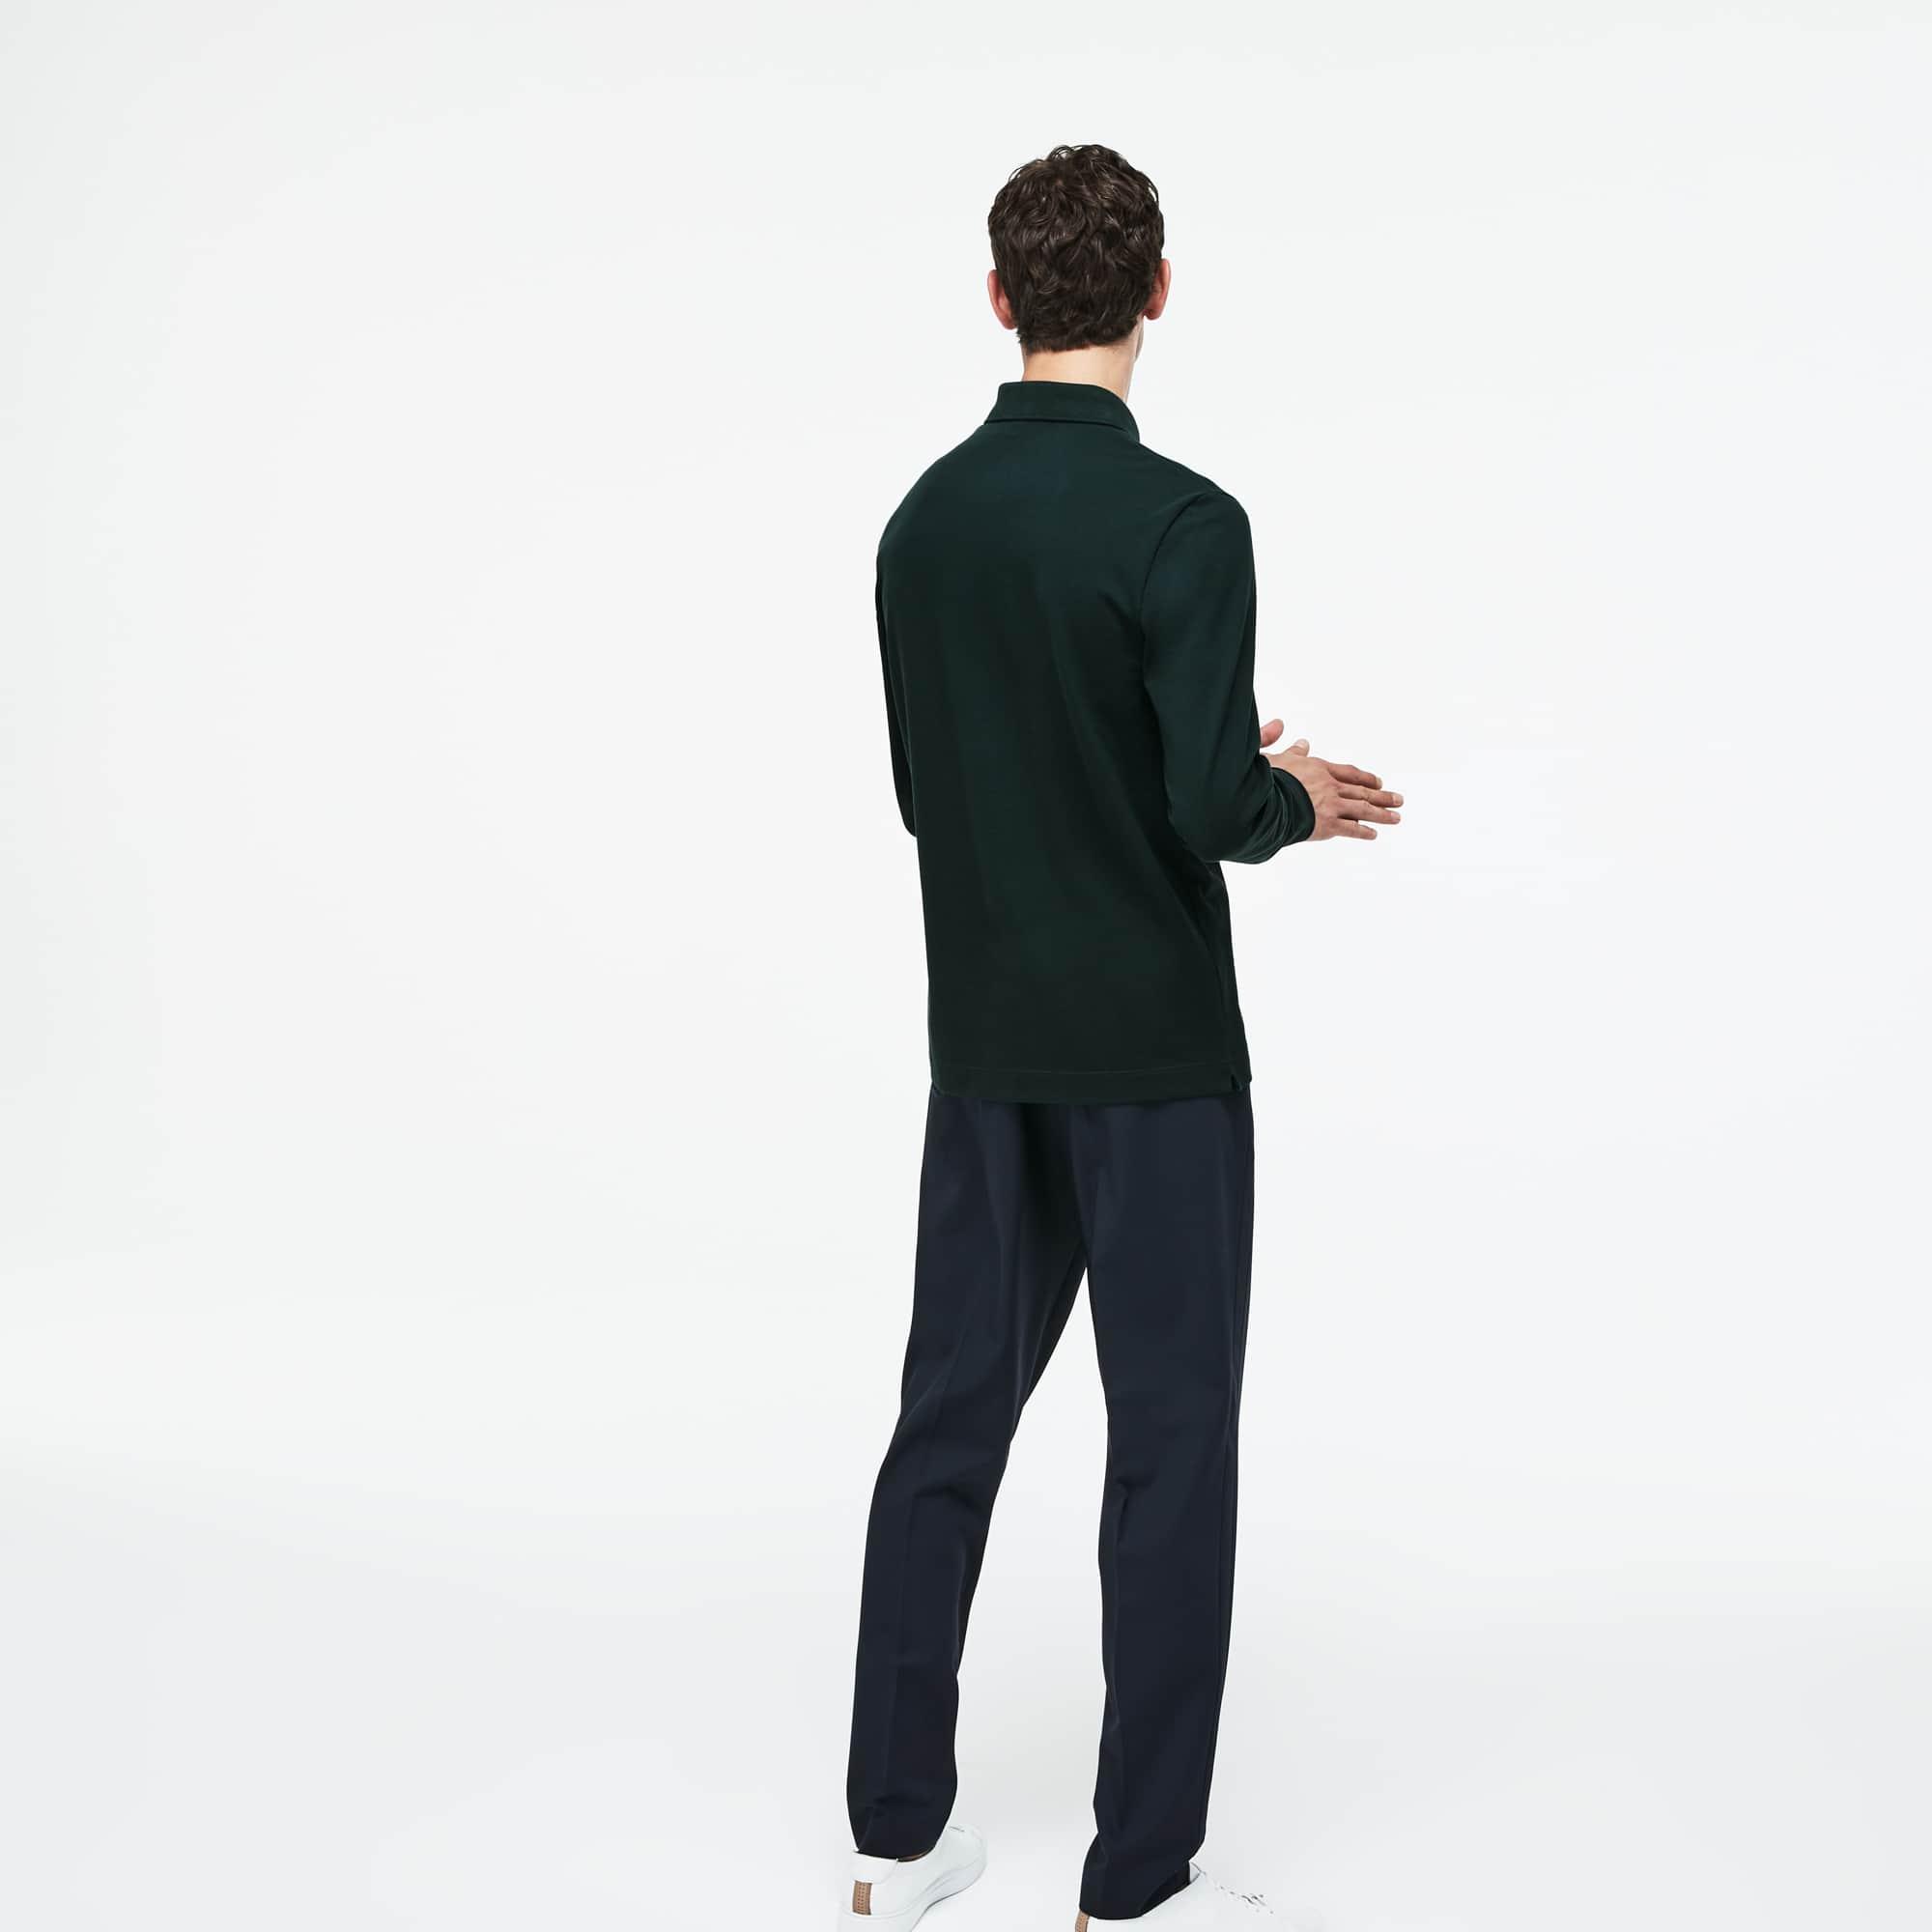 Lacoste - Paris Polo Regular Fit Lacoste à manches longues en piqué de coton stretch - 2